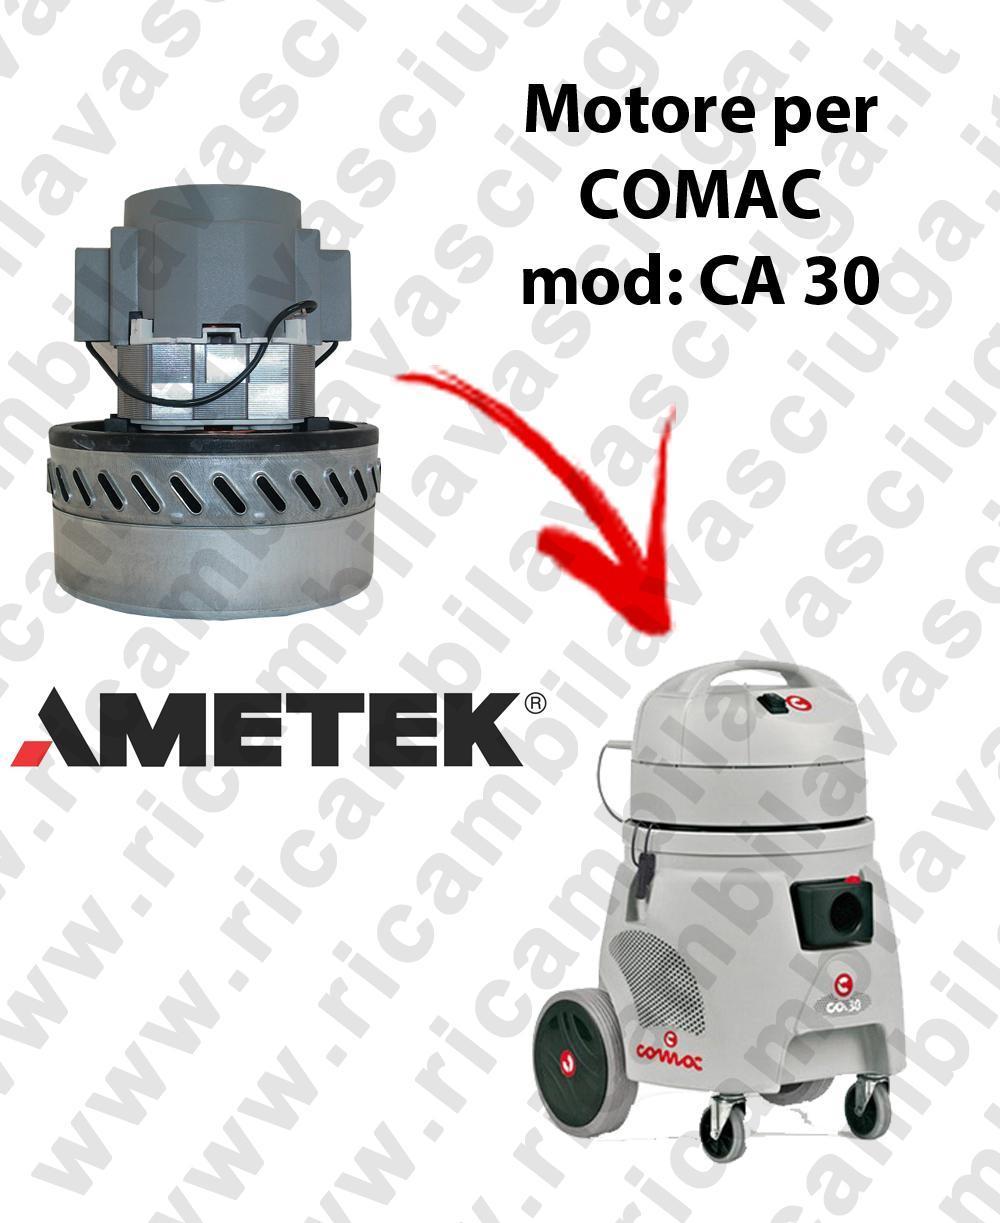 CA 30 MOTEUR AMETEK aspiration pour aspirateur et aspirateur à eau COMAC